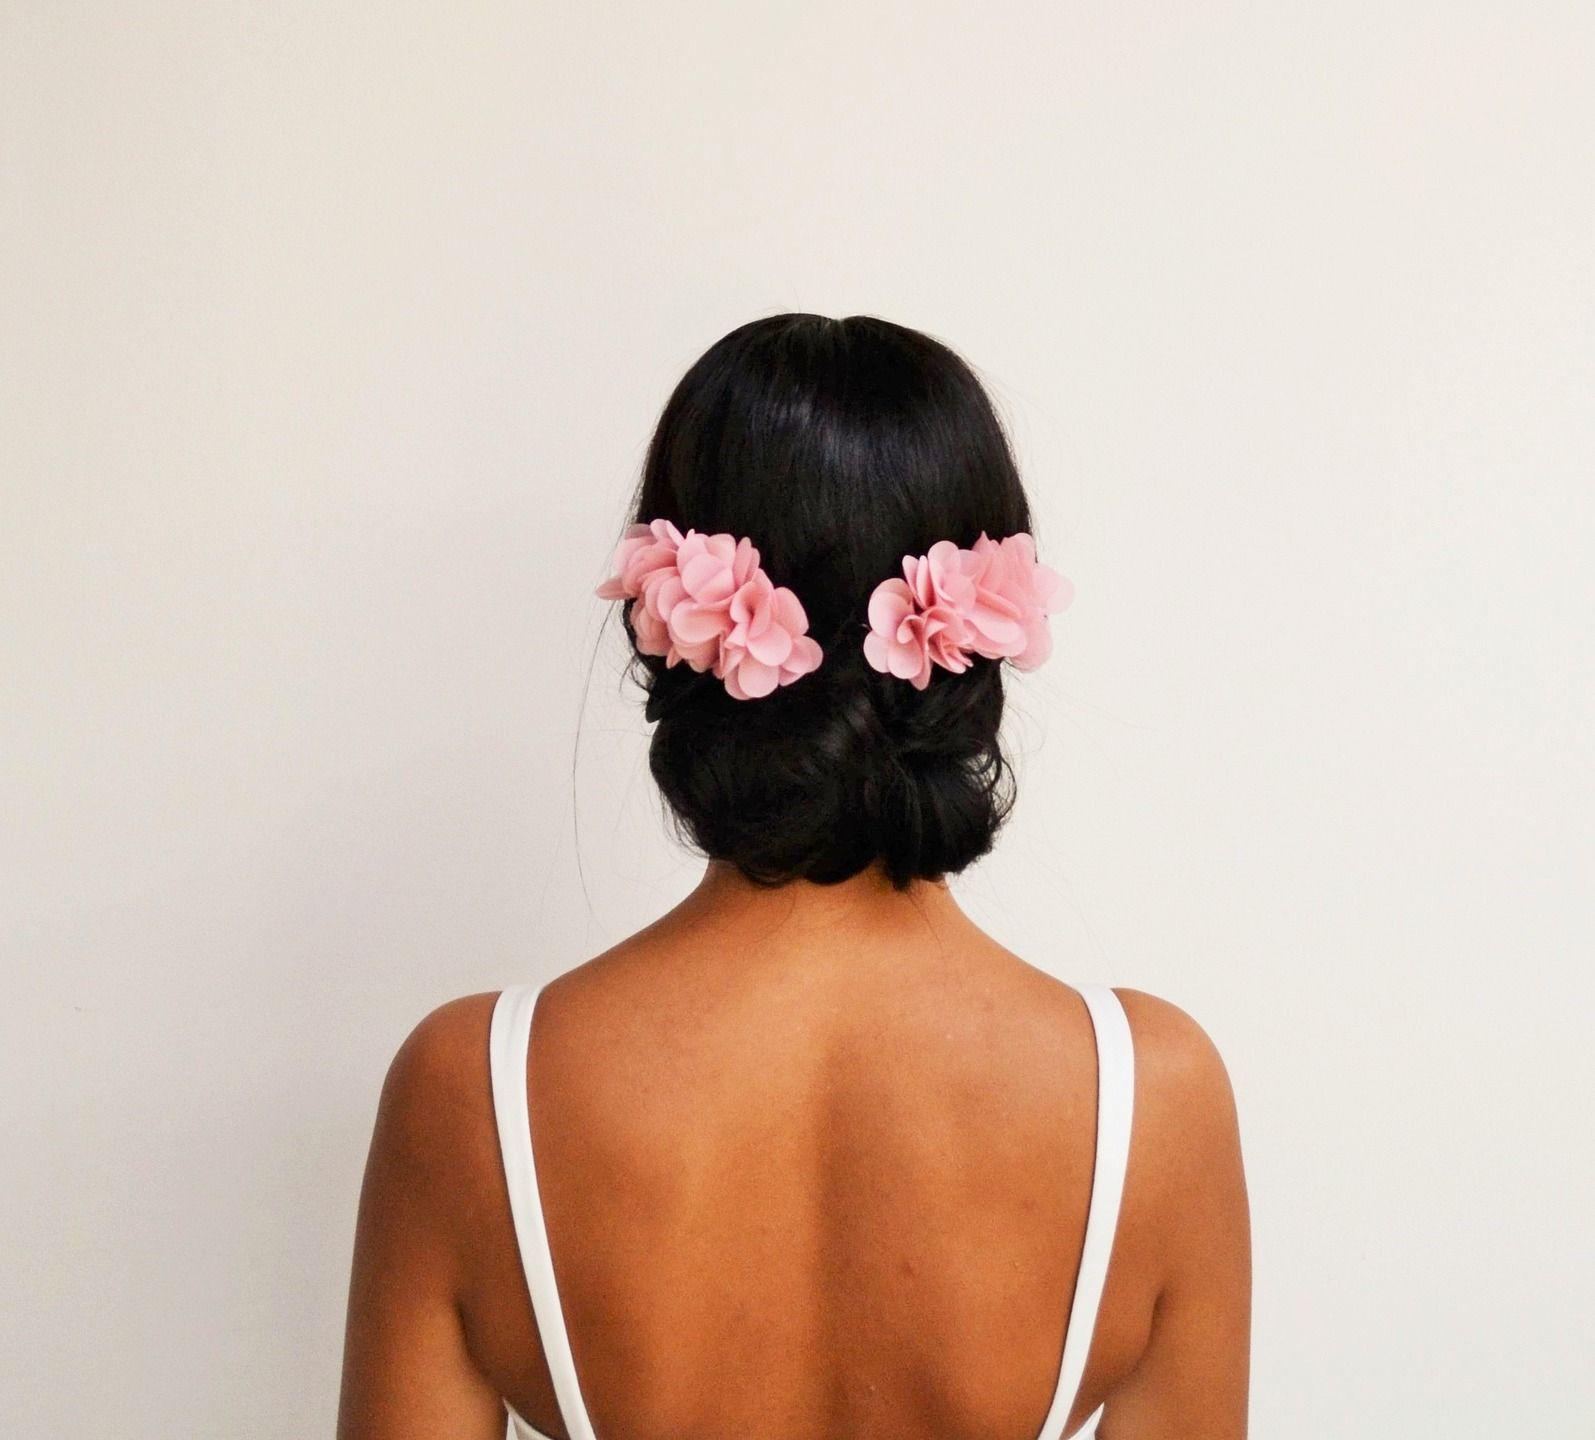 Peignes à cheveux mariage bohème fleurs rose poudré, accessoire cheveux demoiselle dhonneur, peigne mariage champêtre, peigne chignon